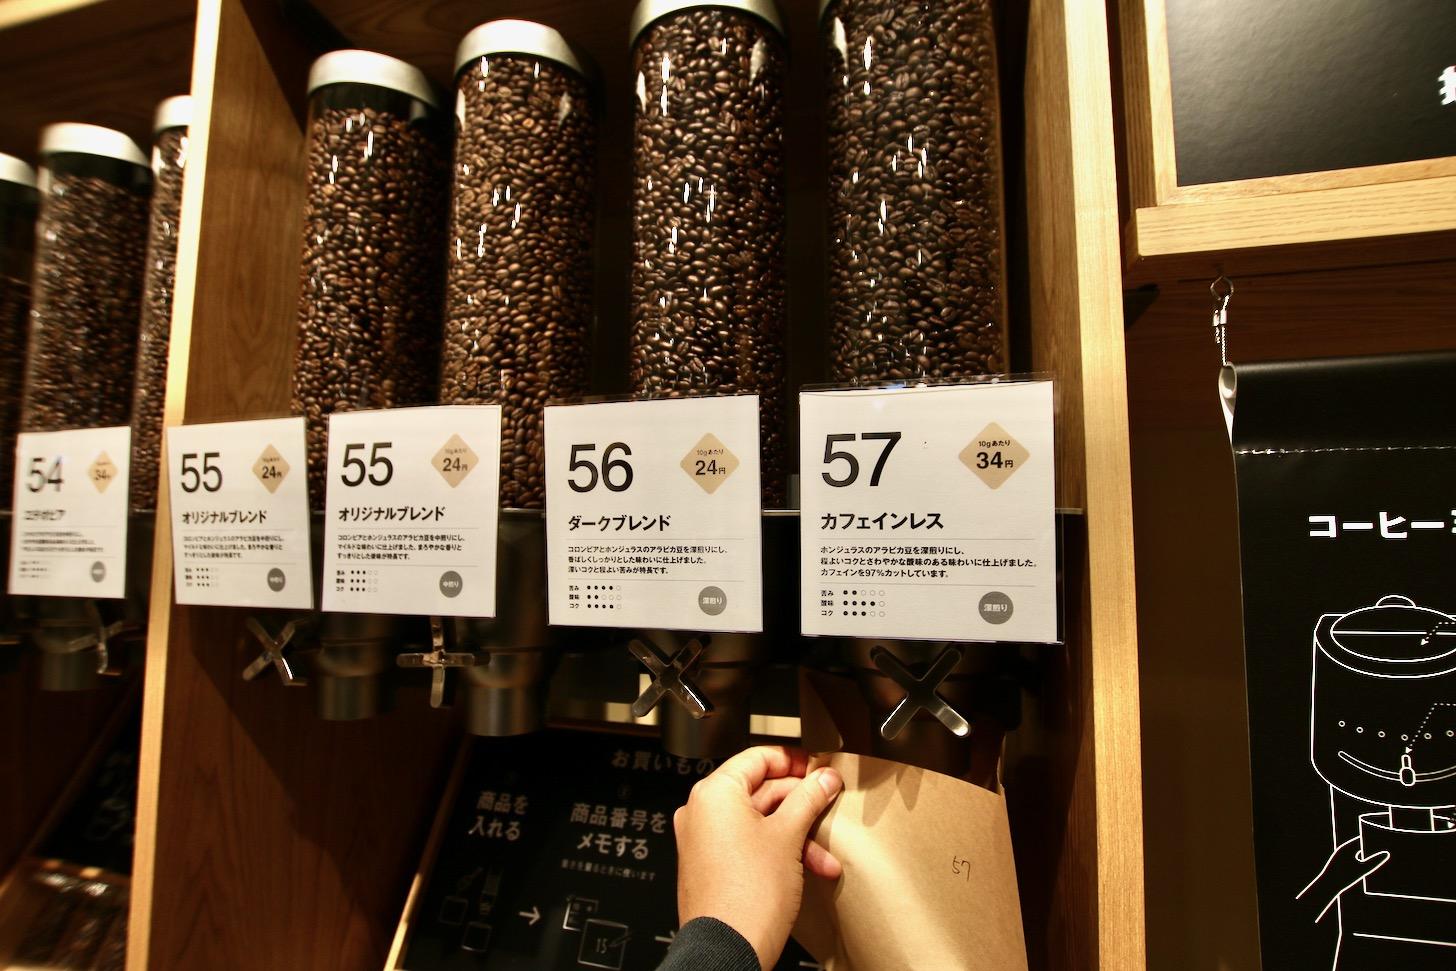 無印良品 東京有明 コーヒー豆の量り売り